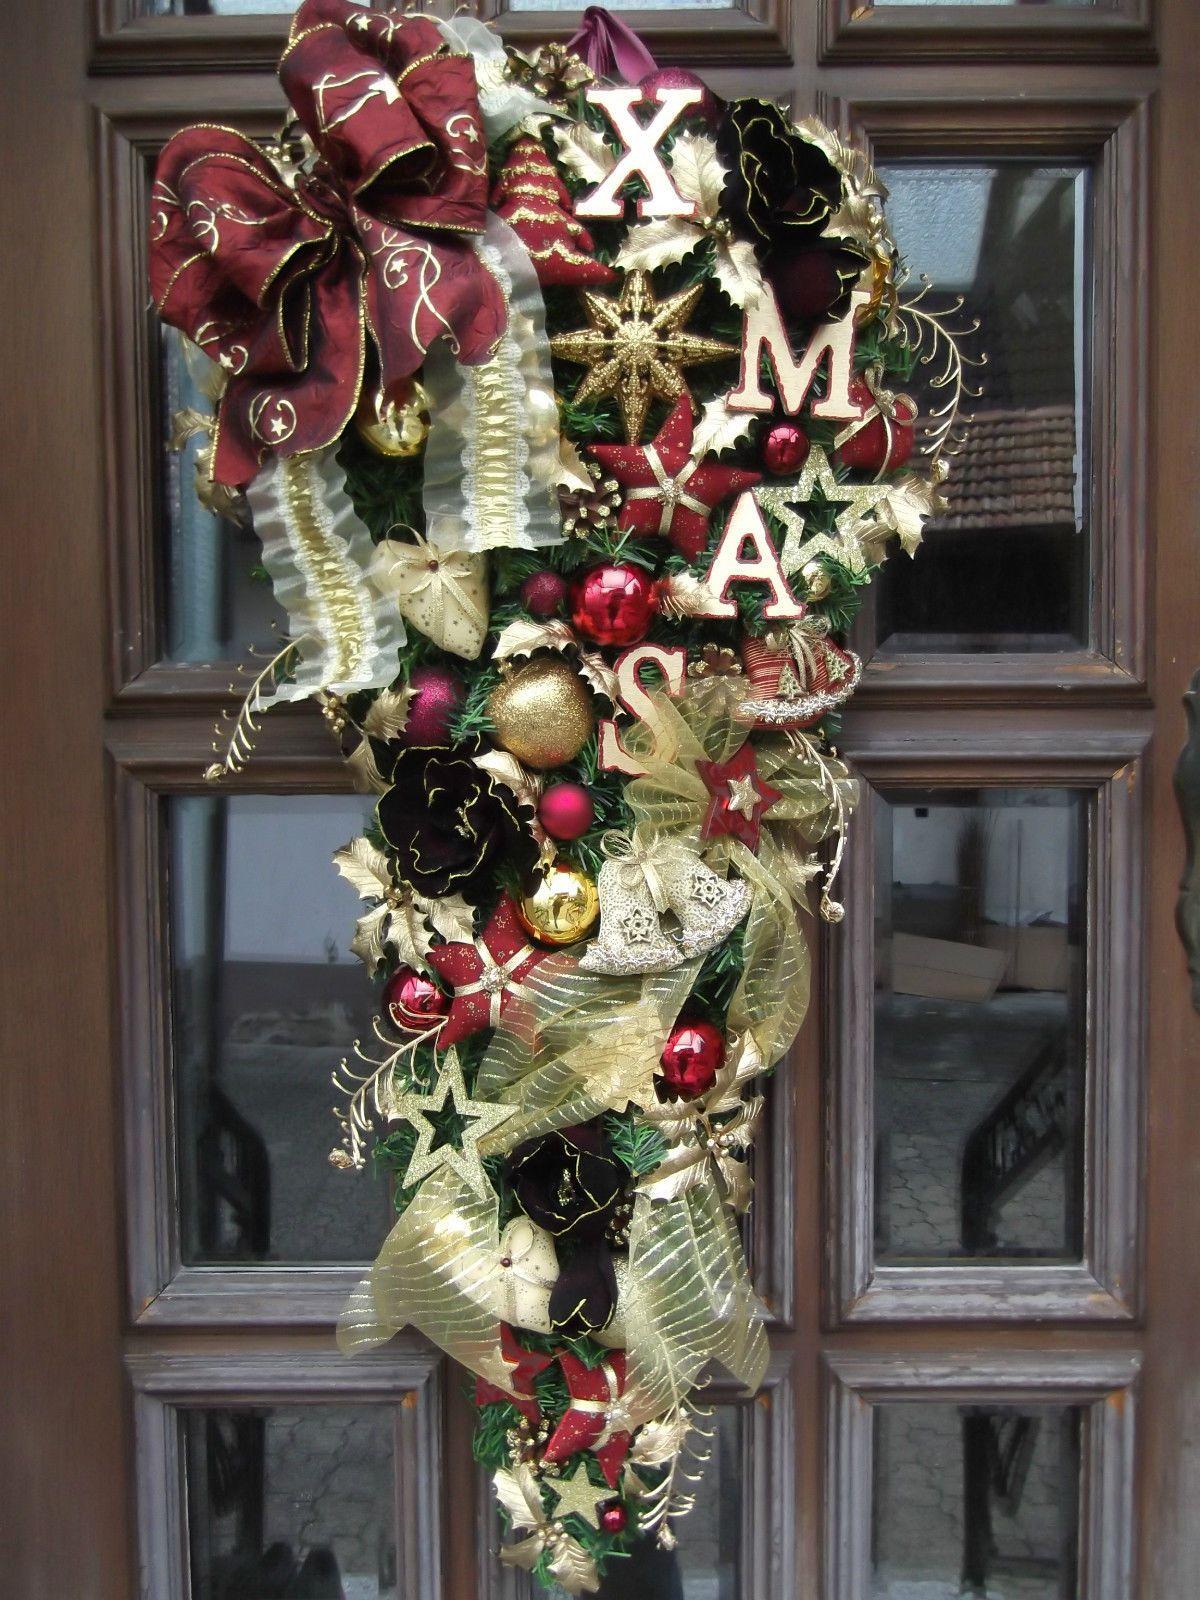 Türkranz Weihnachten.Türkranz Weihnachten Türzopf Weihnachtskranz Tilda Bordeaux Gold